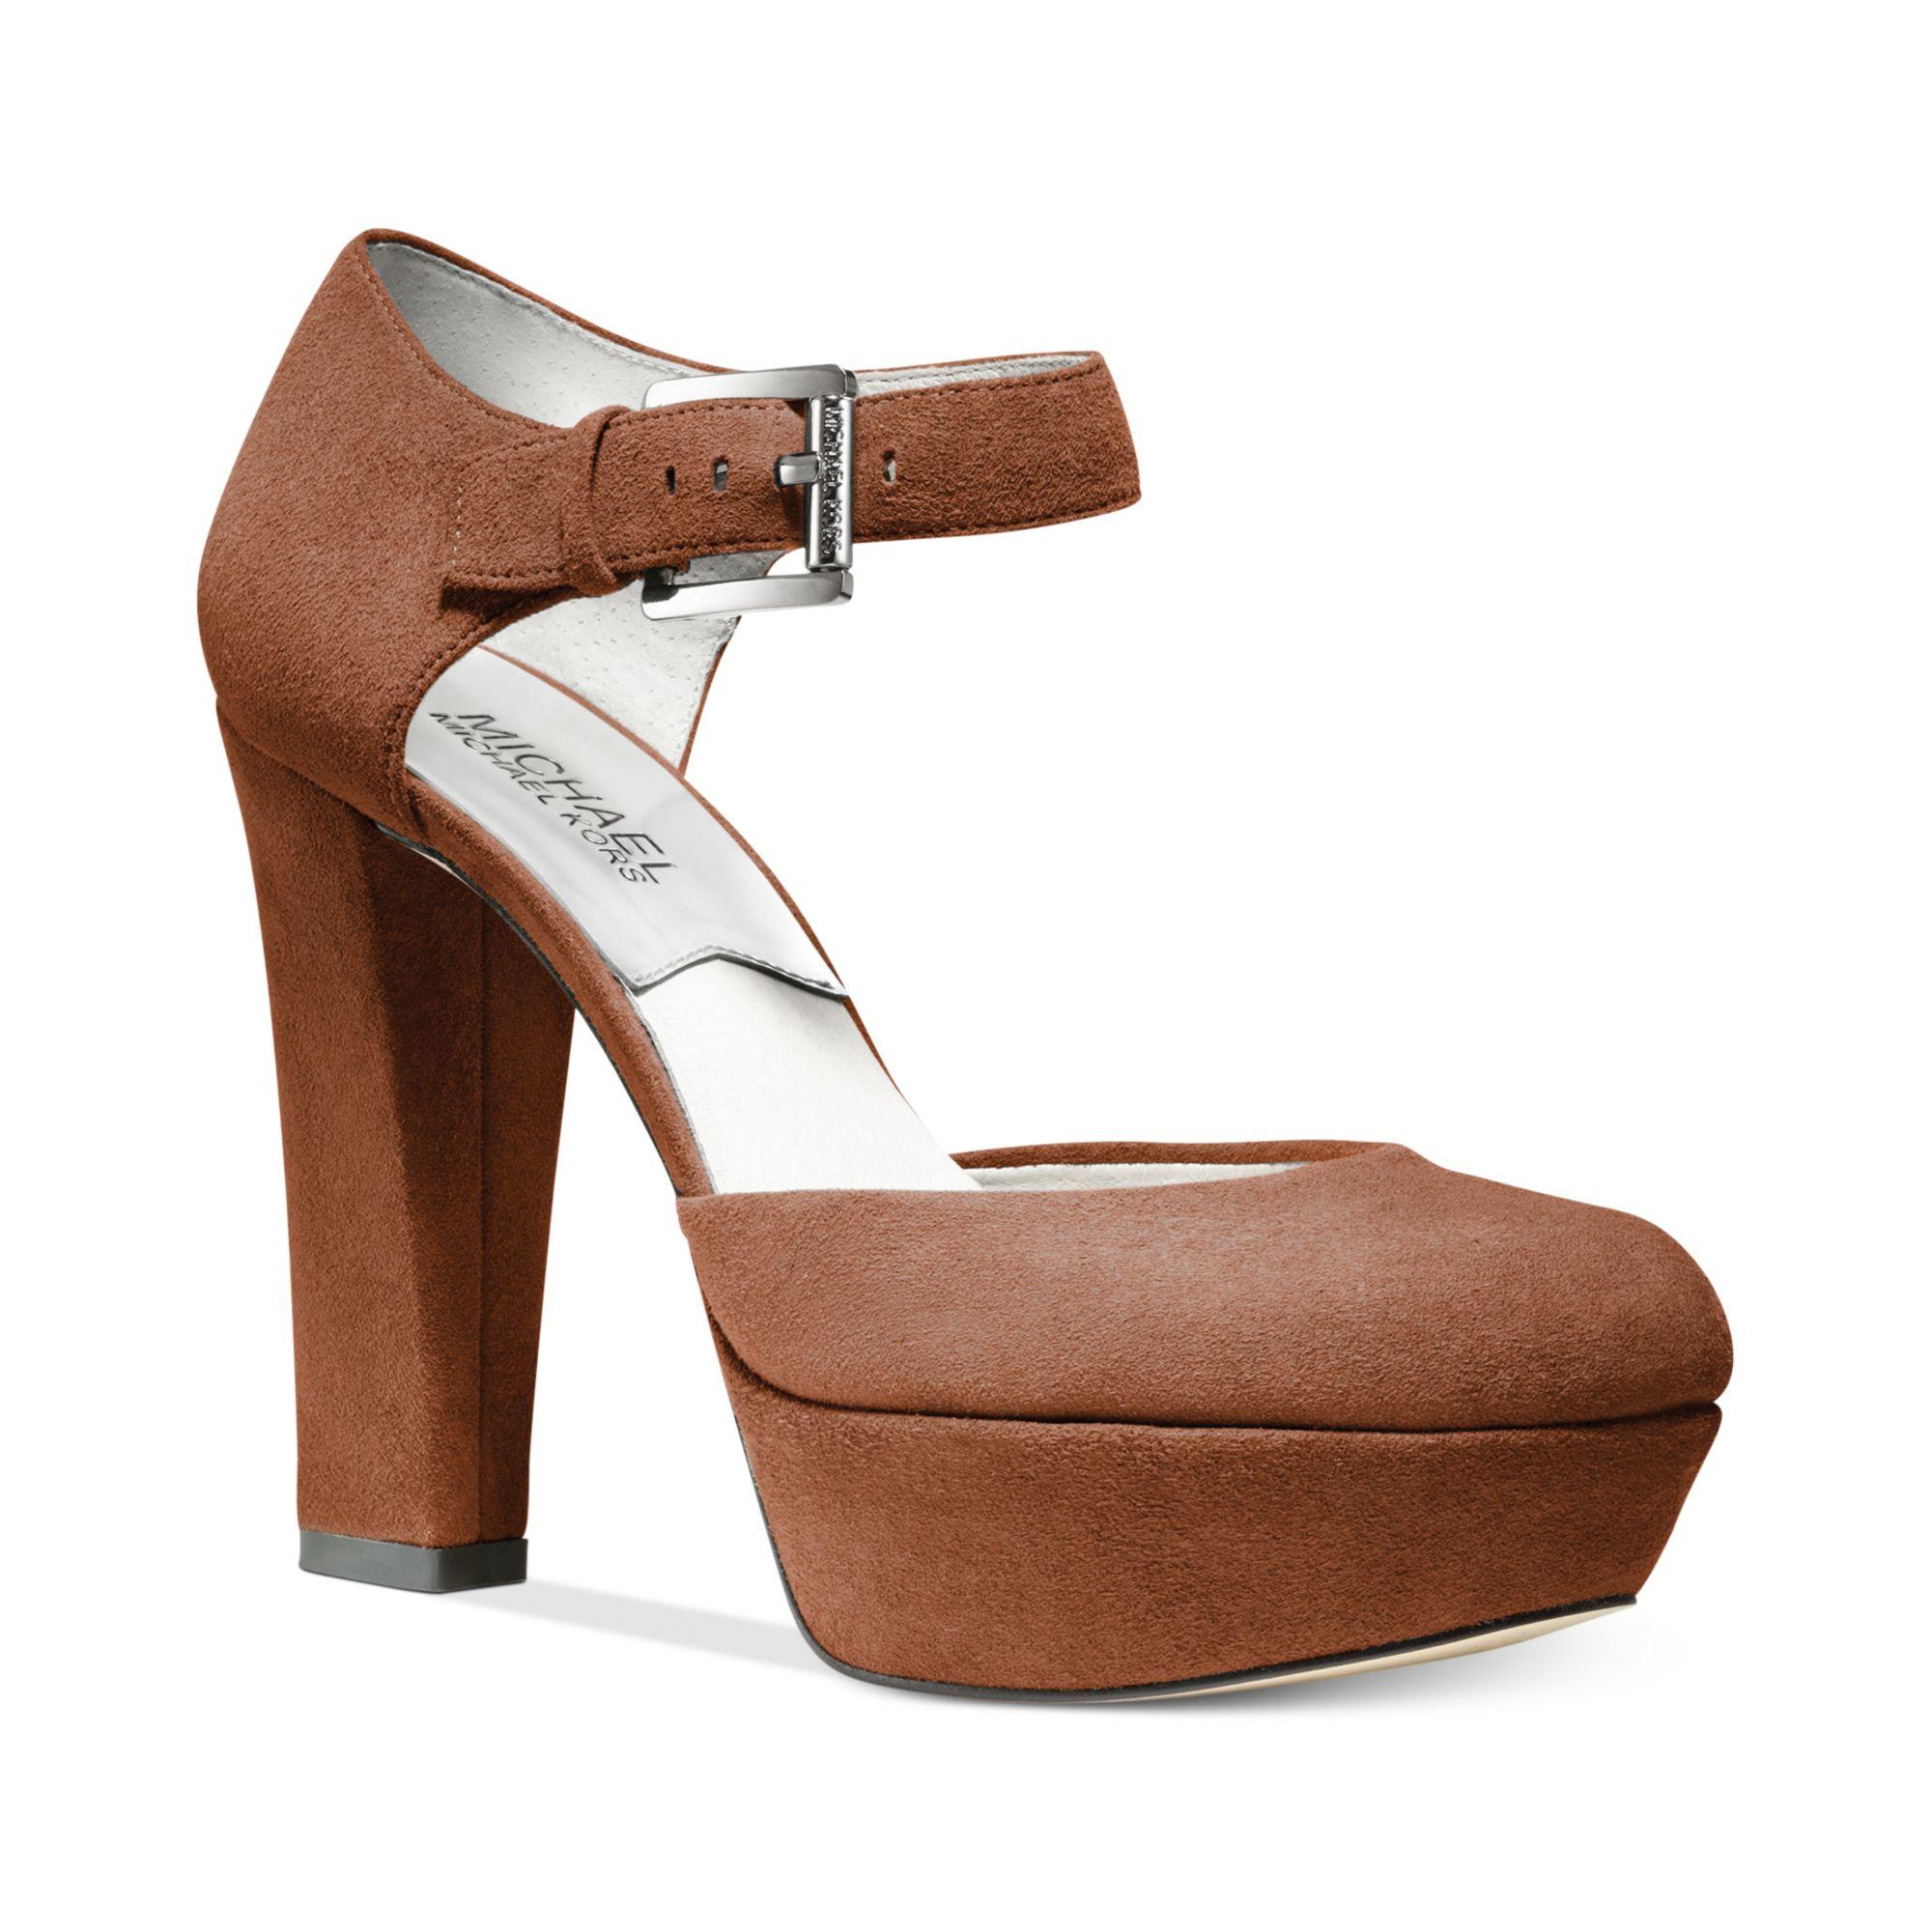 michael kors haven ankle strap platform pumps in brown cognac suede lyst. Black Bedroom Furniture Sets. Home Design Ideas